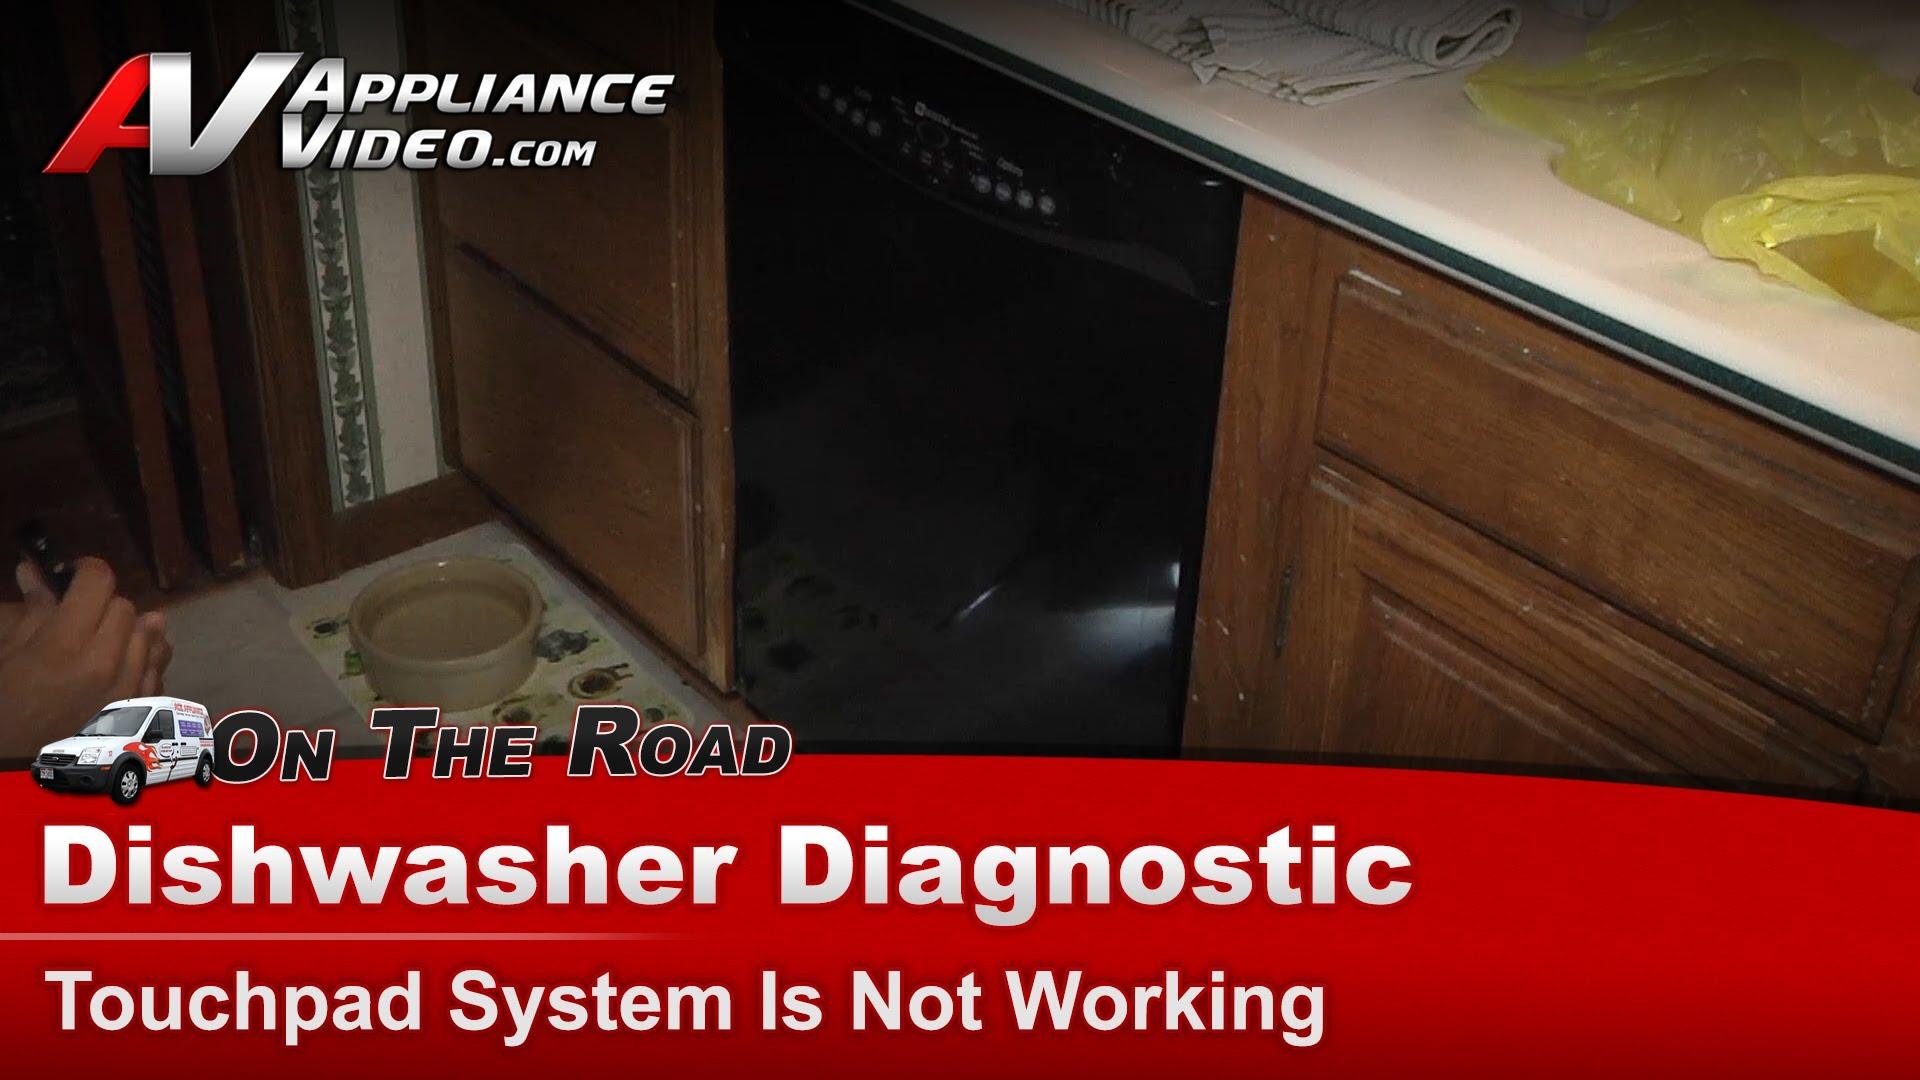 Maytag Mdb8600awb Dishwasher Diagnostic Touchpad System Is